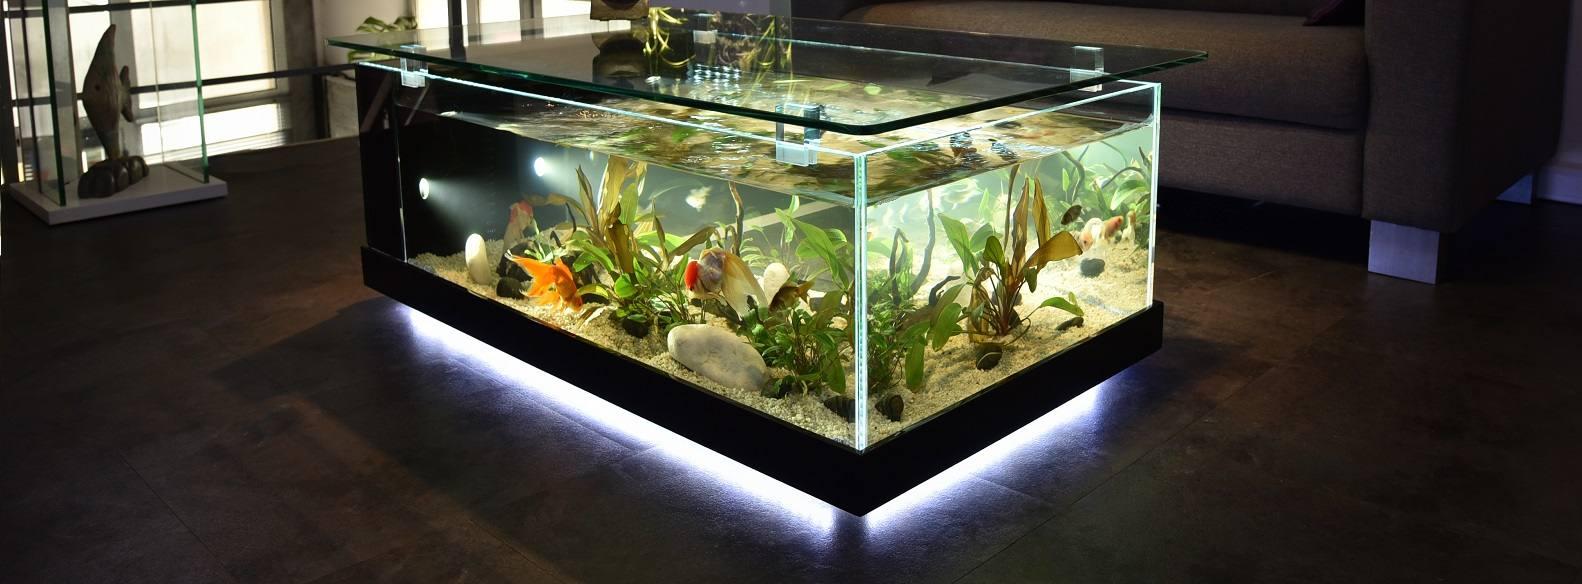 Aquas odyss e aquarium odyss e v g tale fabricant for Aquarium cadre